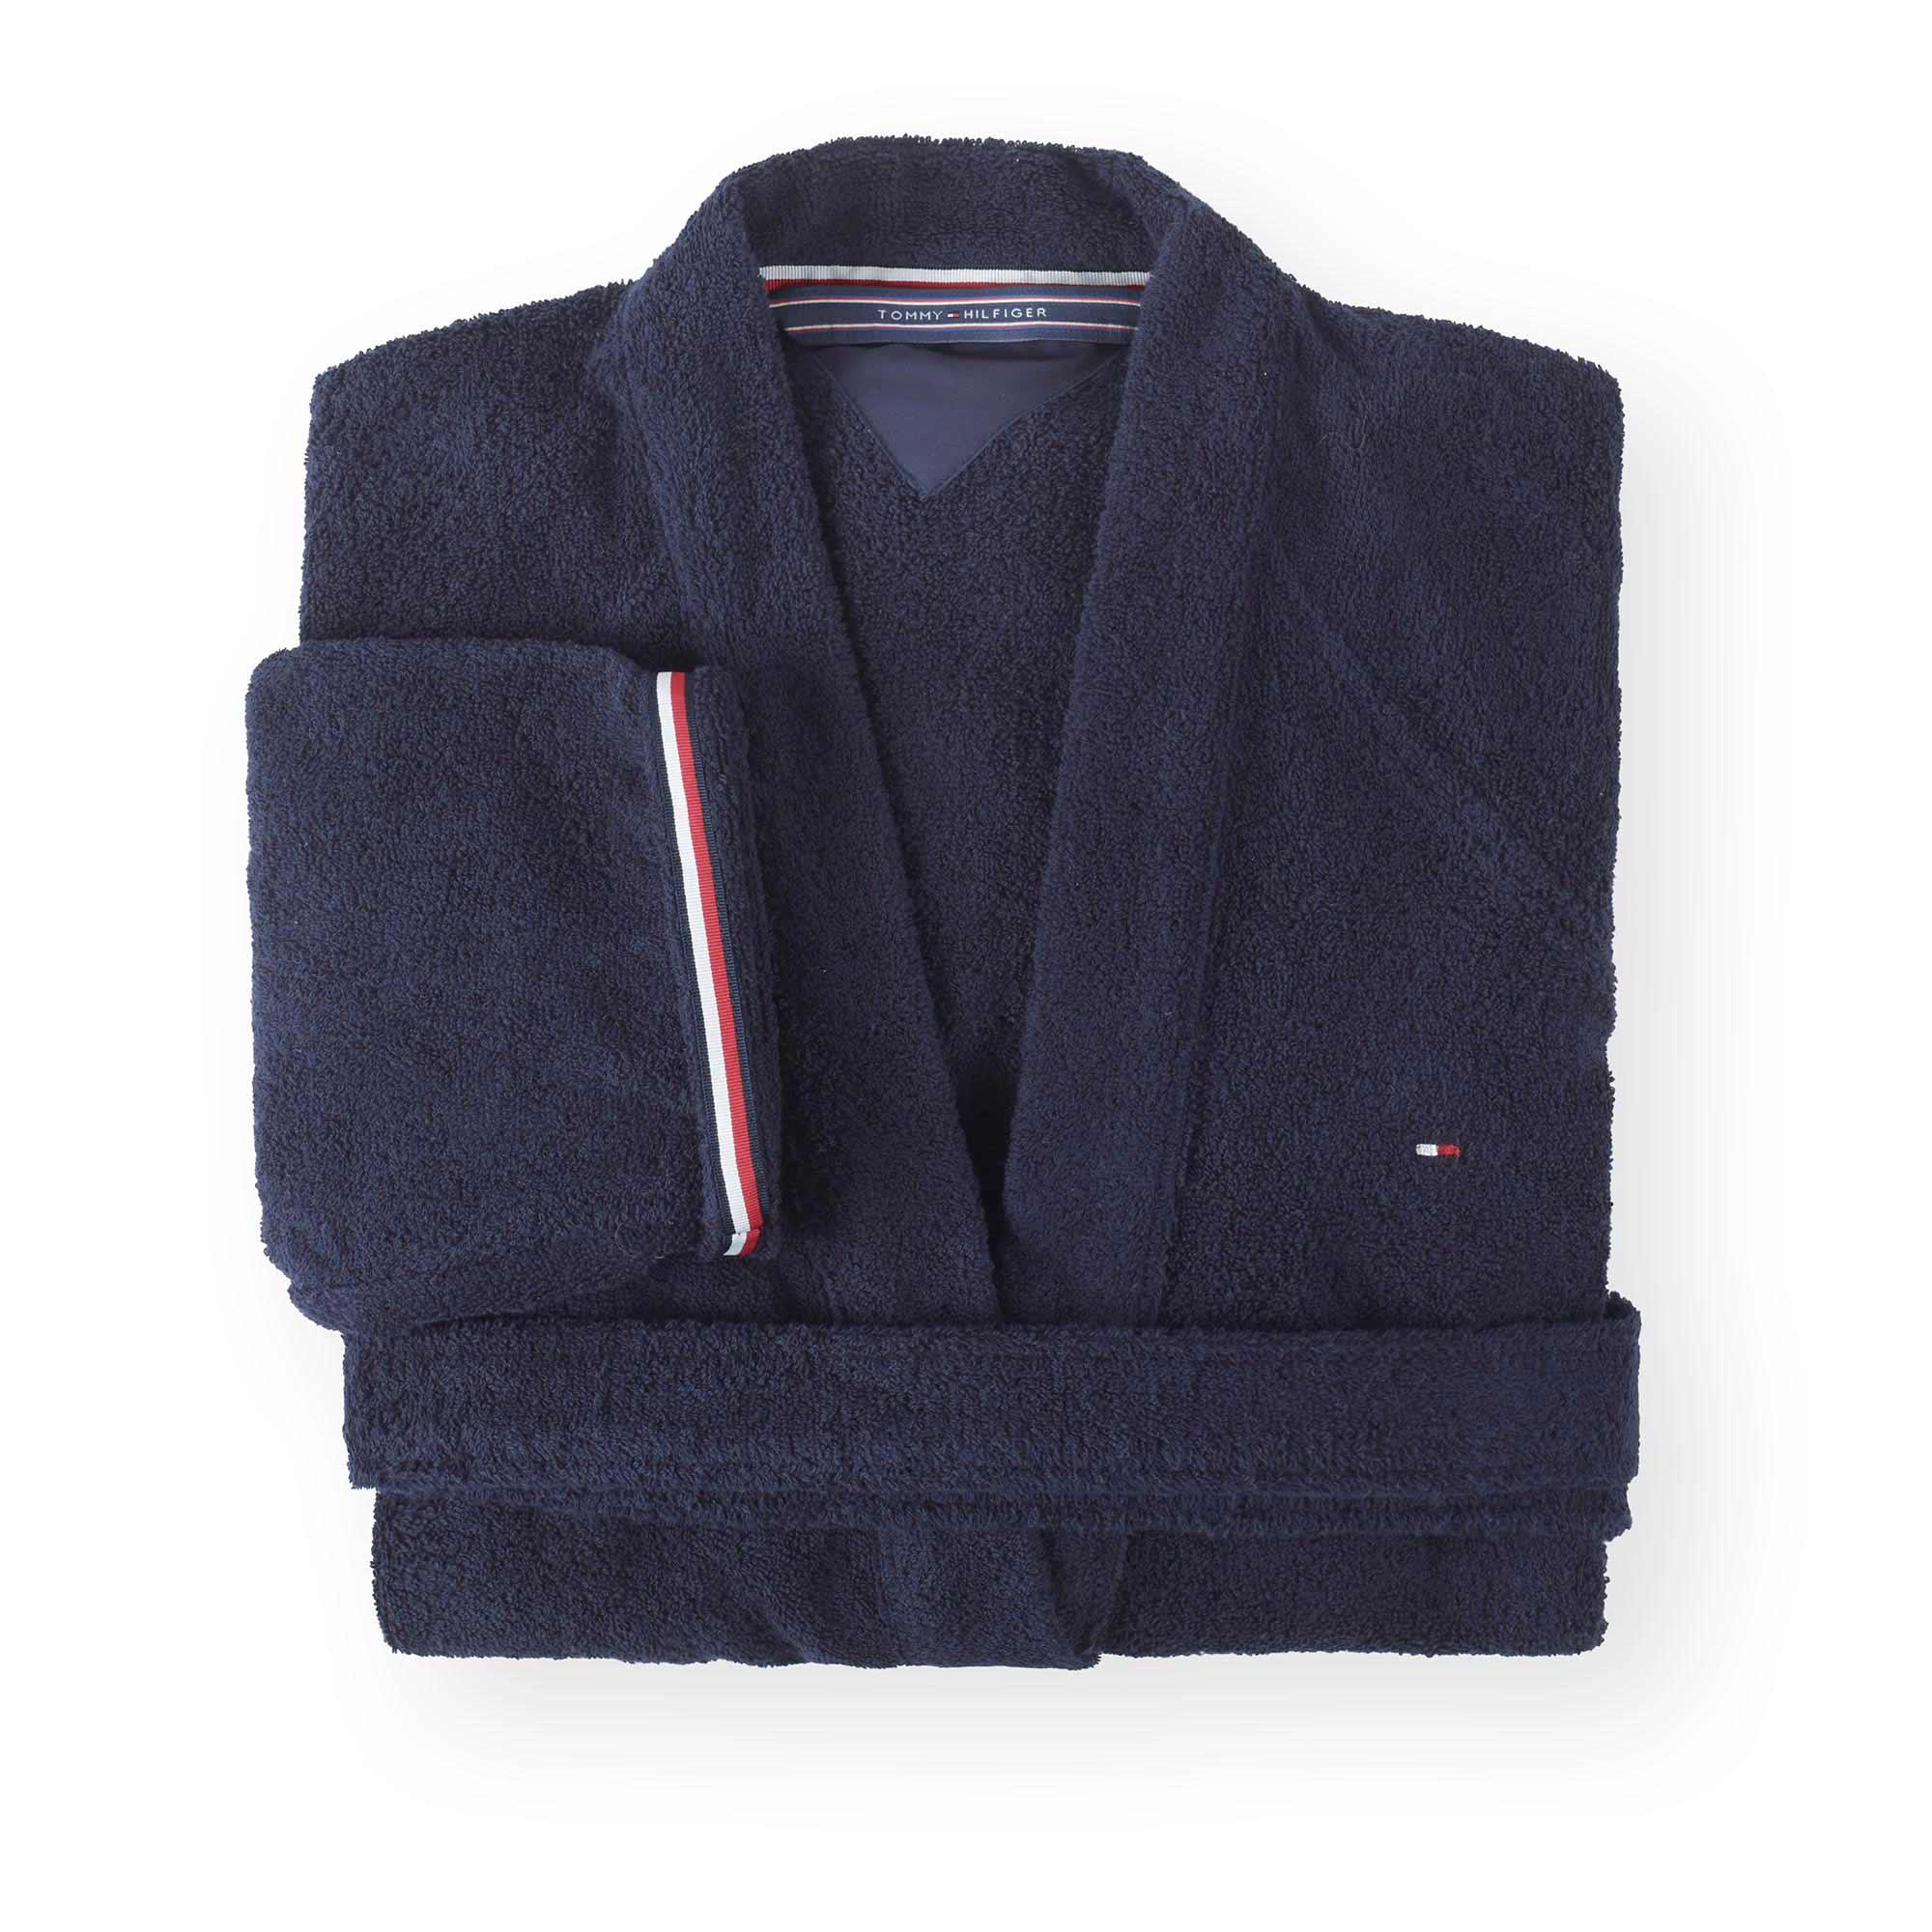 Tommy-Hilfiger-Peignoir-kimono-legend-3-eponge-navy-version-plié